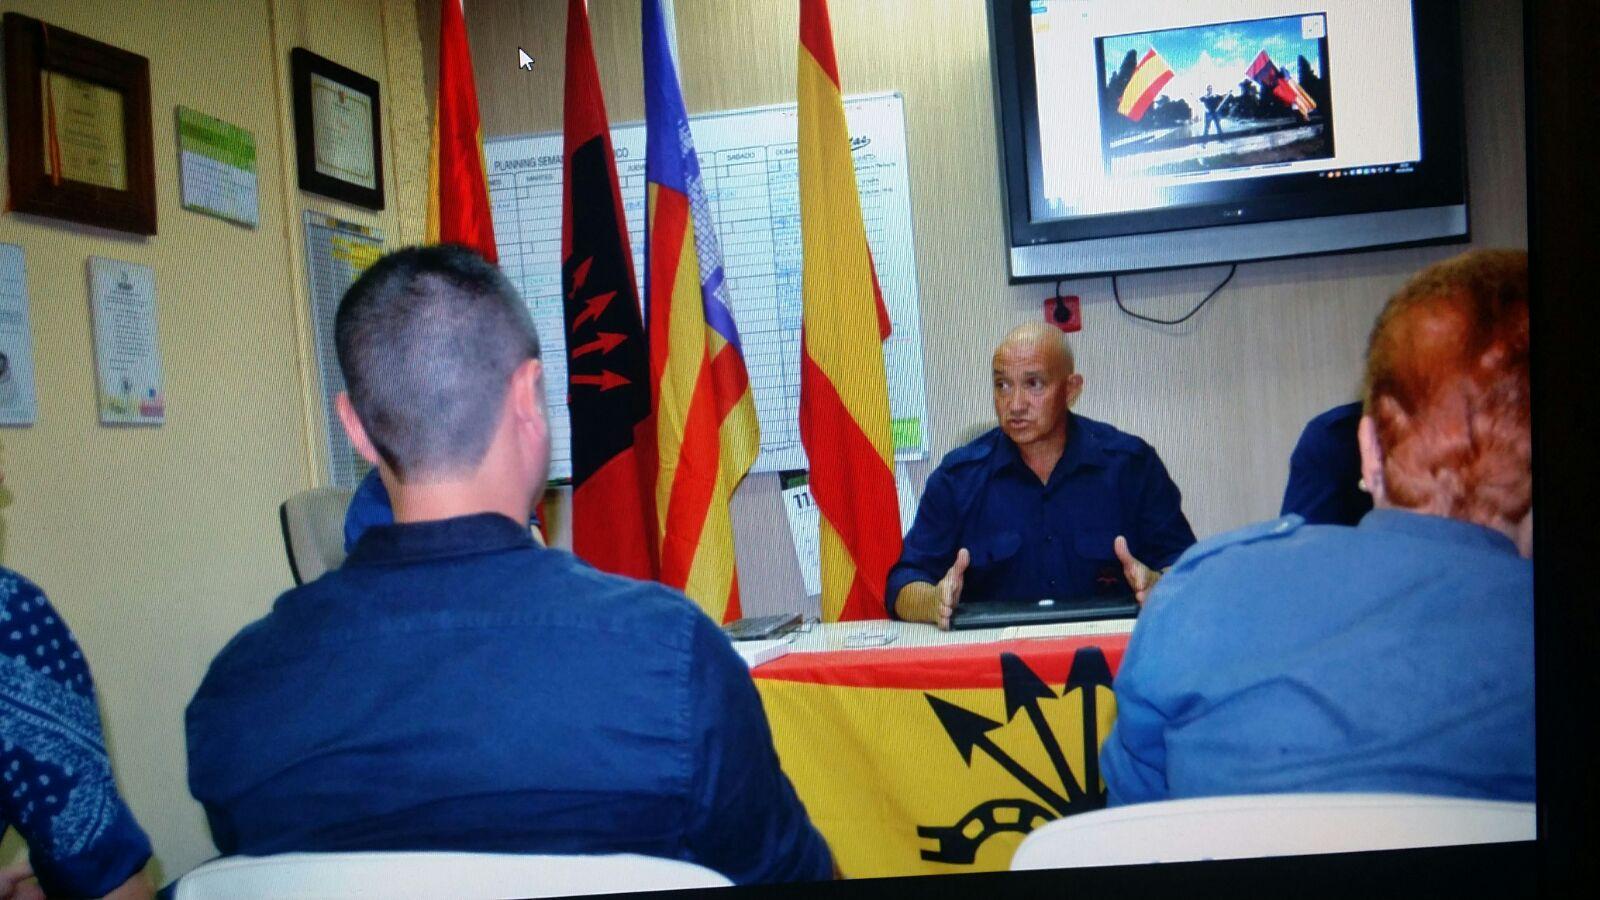 La Falange de Baleares celebra el 83 aniversario de la fundación de Falange Española